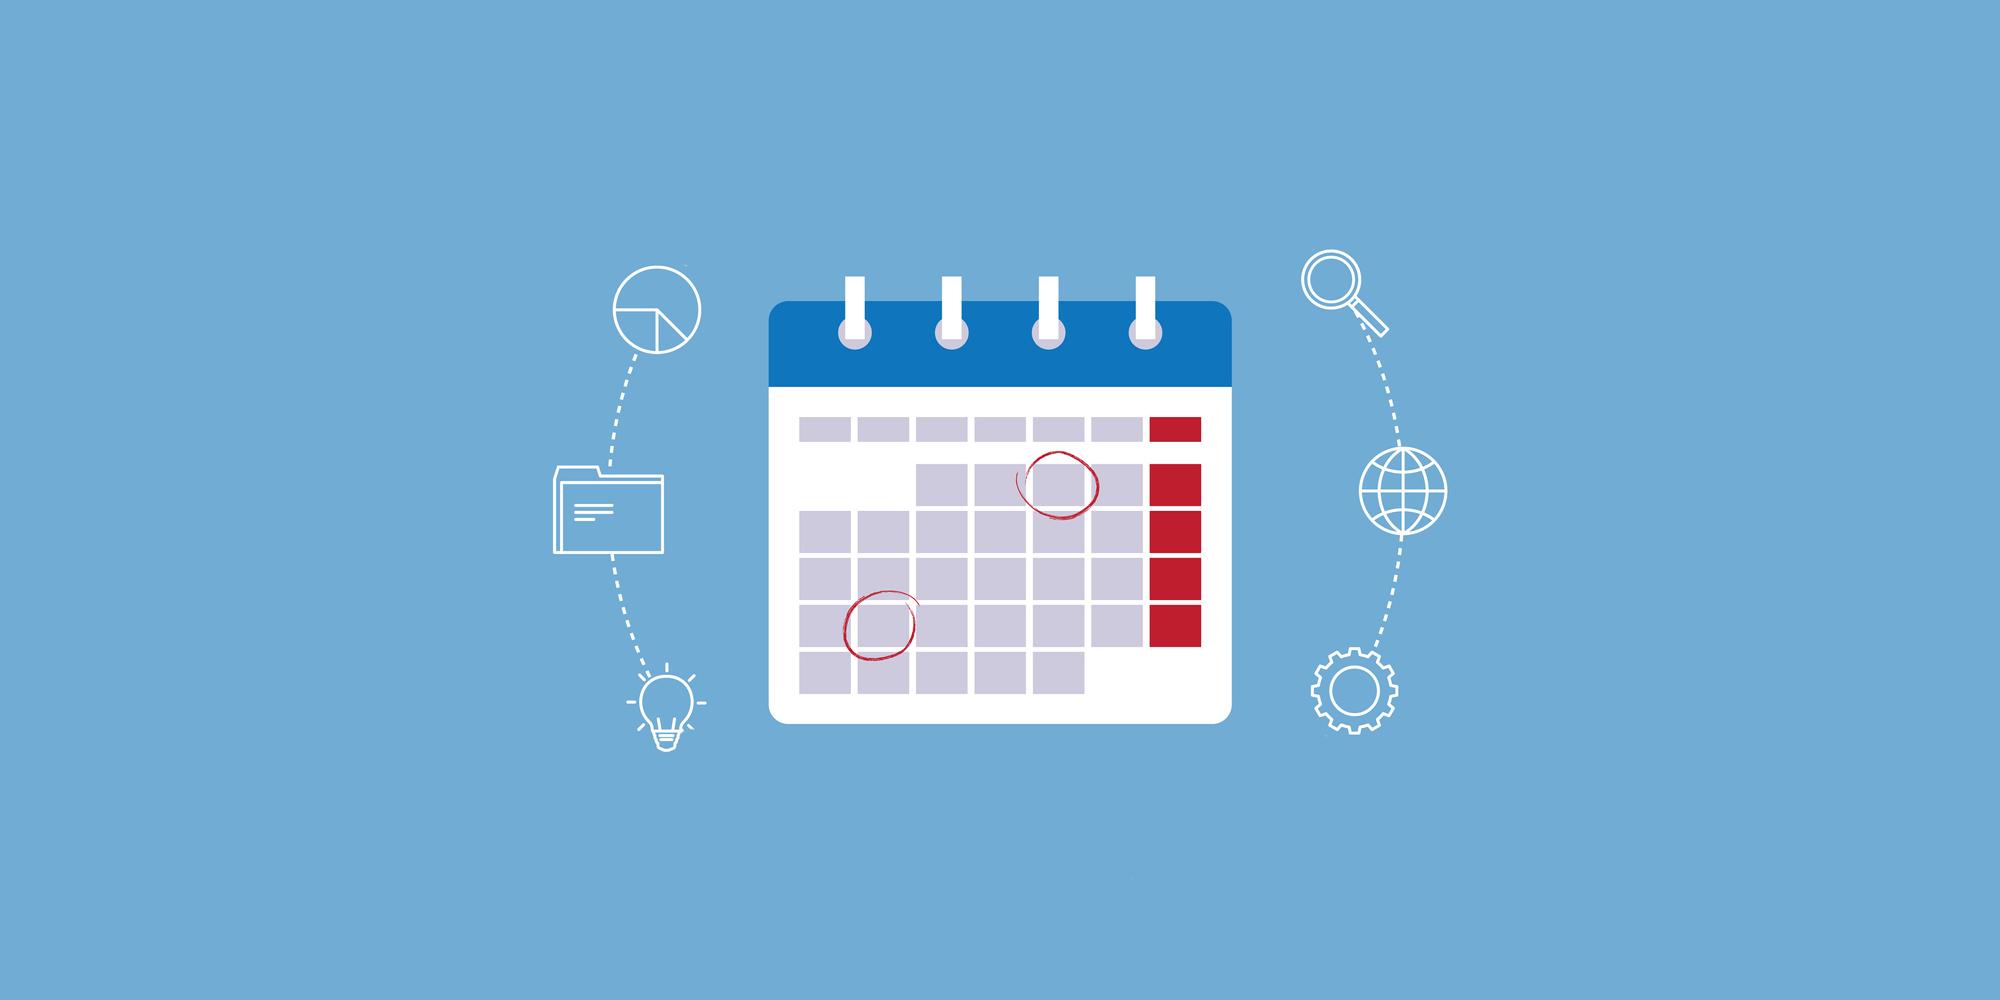 Digital art of a calendar